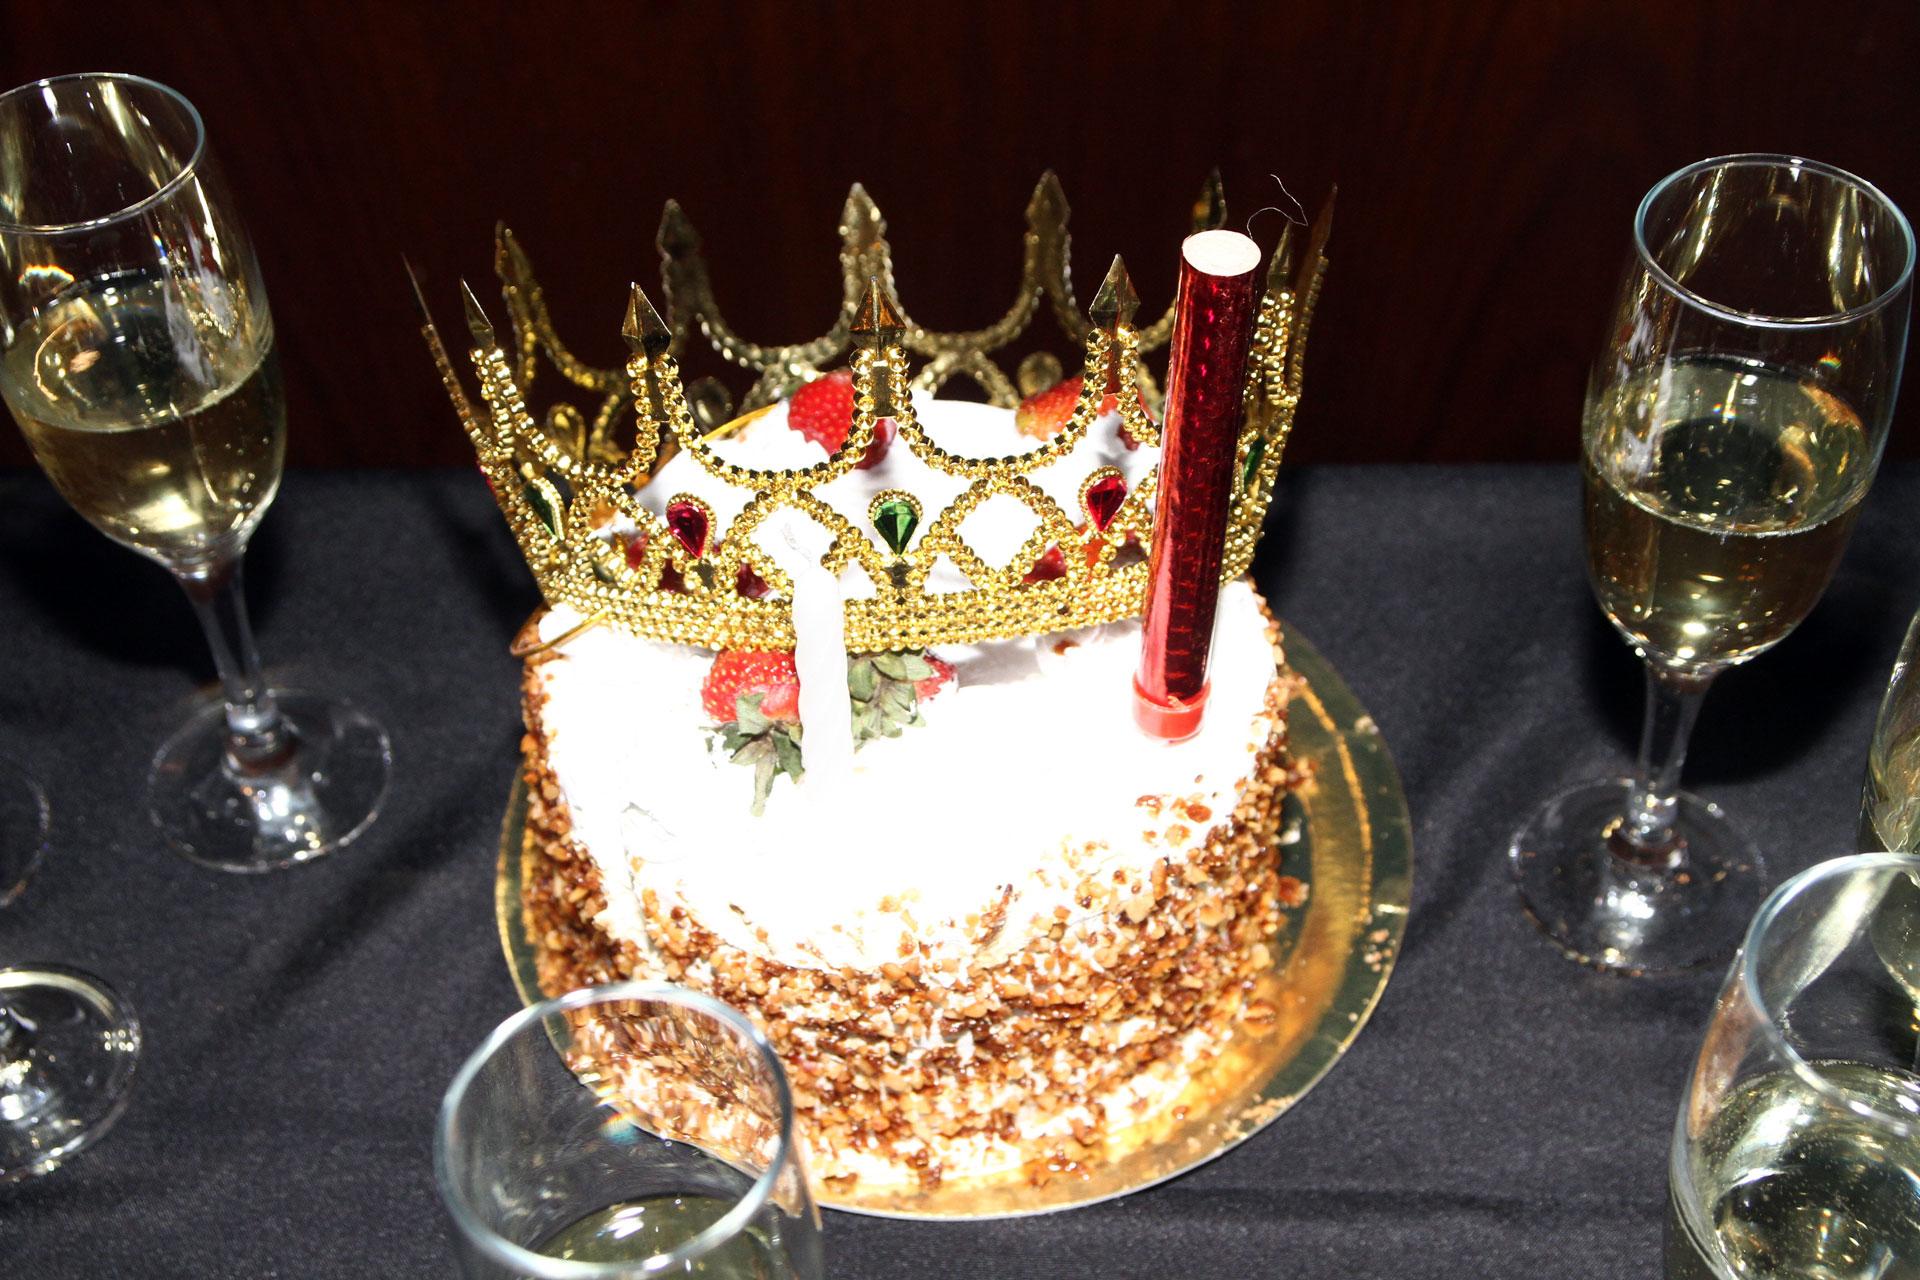 La torta de cumpleaños